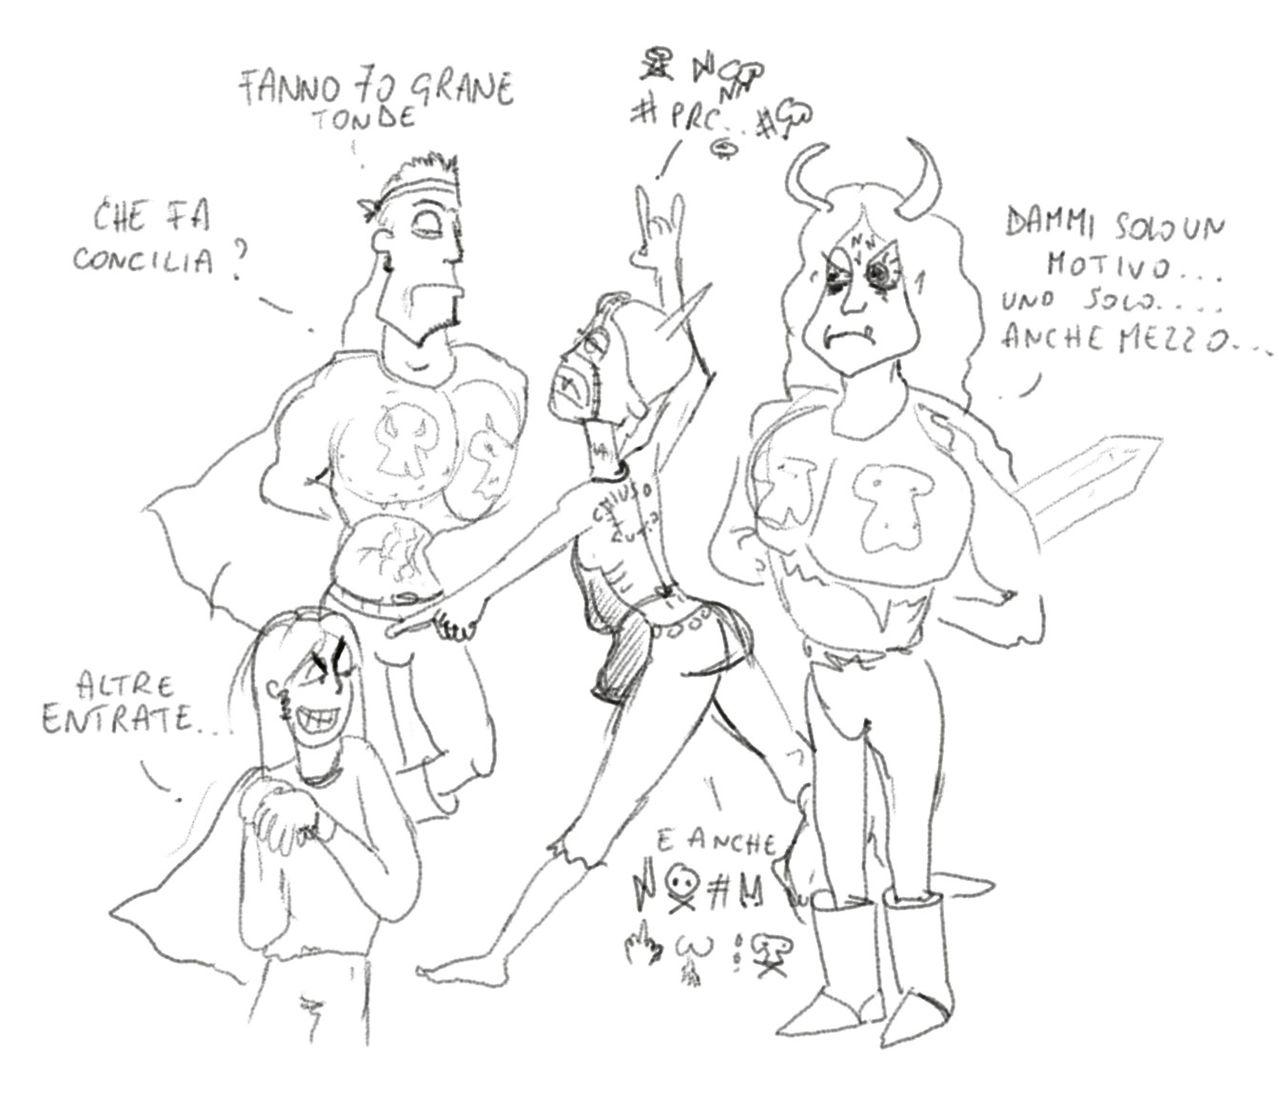 """nuvola planescape """"Che fa, concilia?"""" (dal forum UO, """"Rapporti di Cattura di Xanster Trannyth, Mercykillers"""") - by Nuvola www.planescape.it (2013-11) © dell'autore e Ultima Online Planescape Shard"""